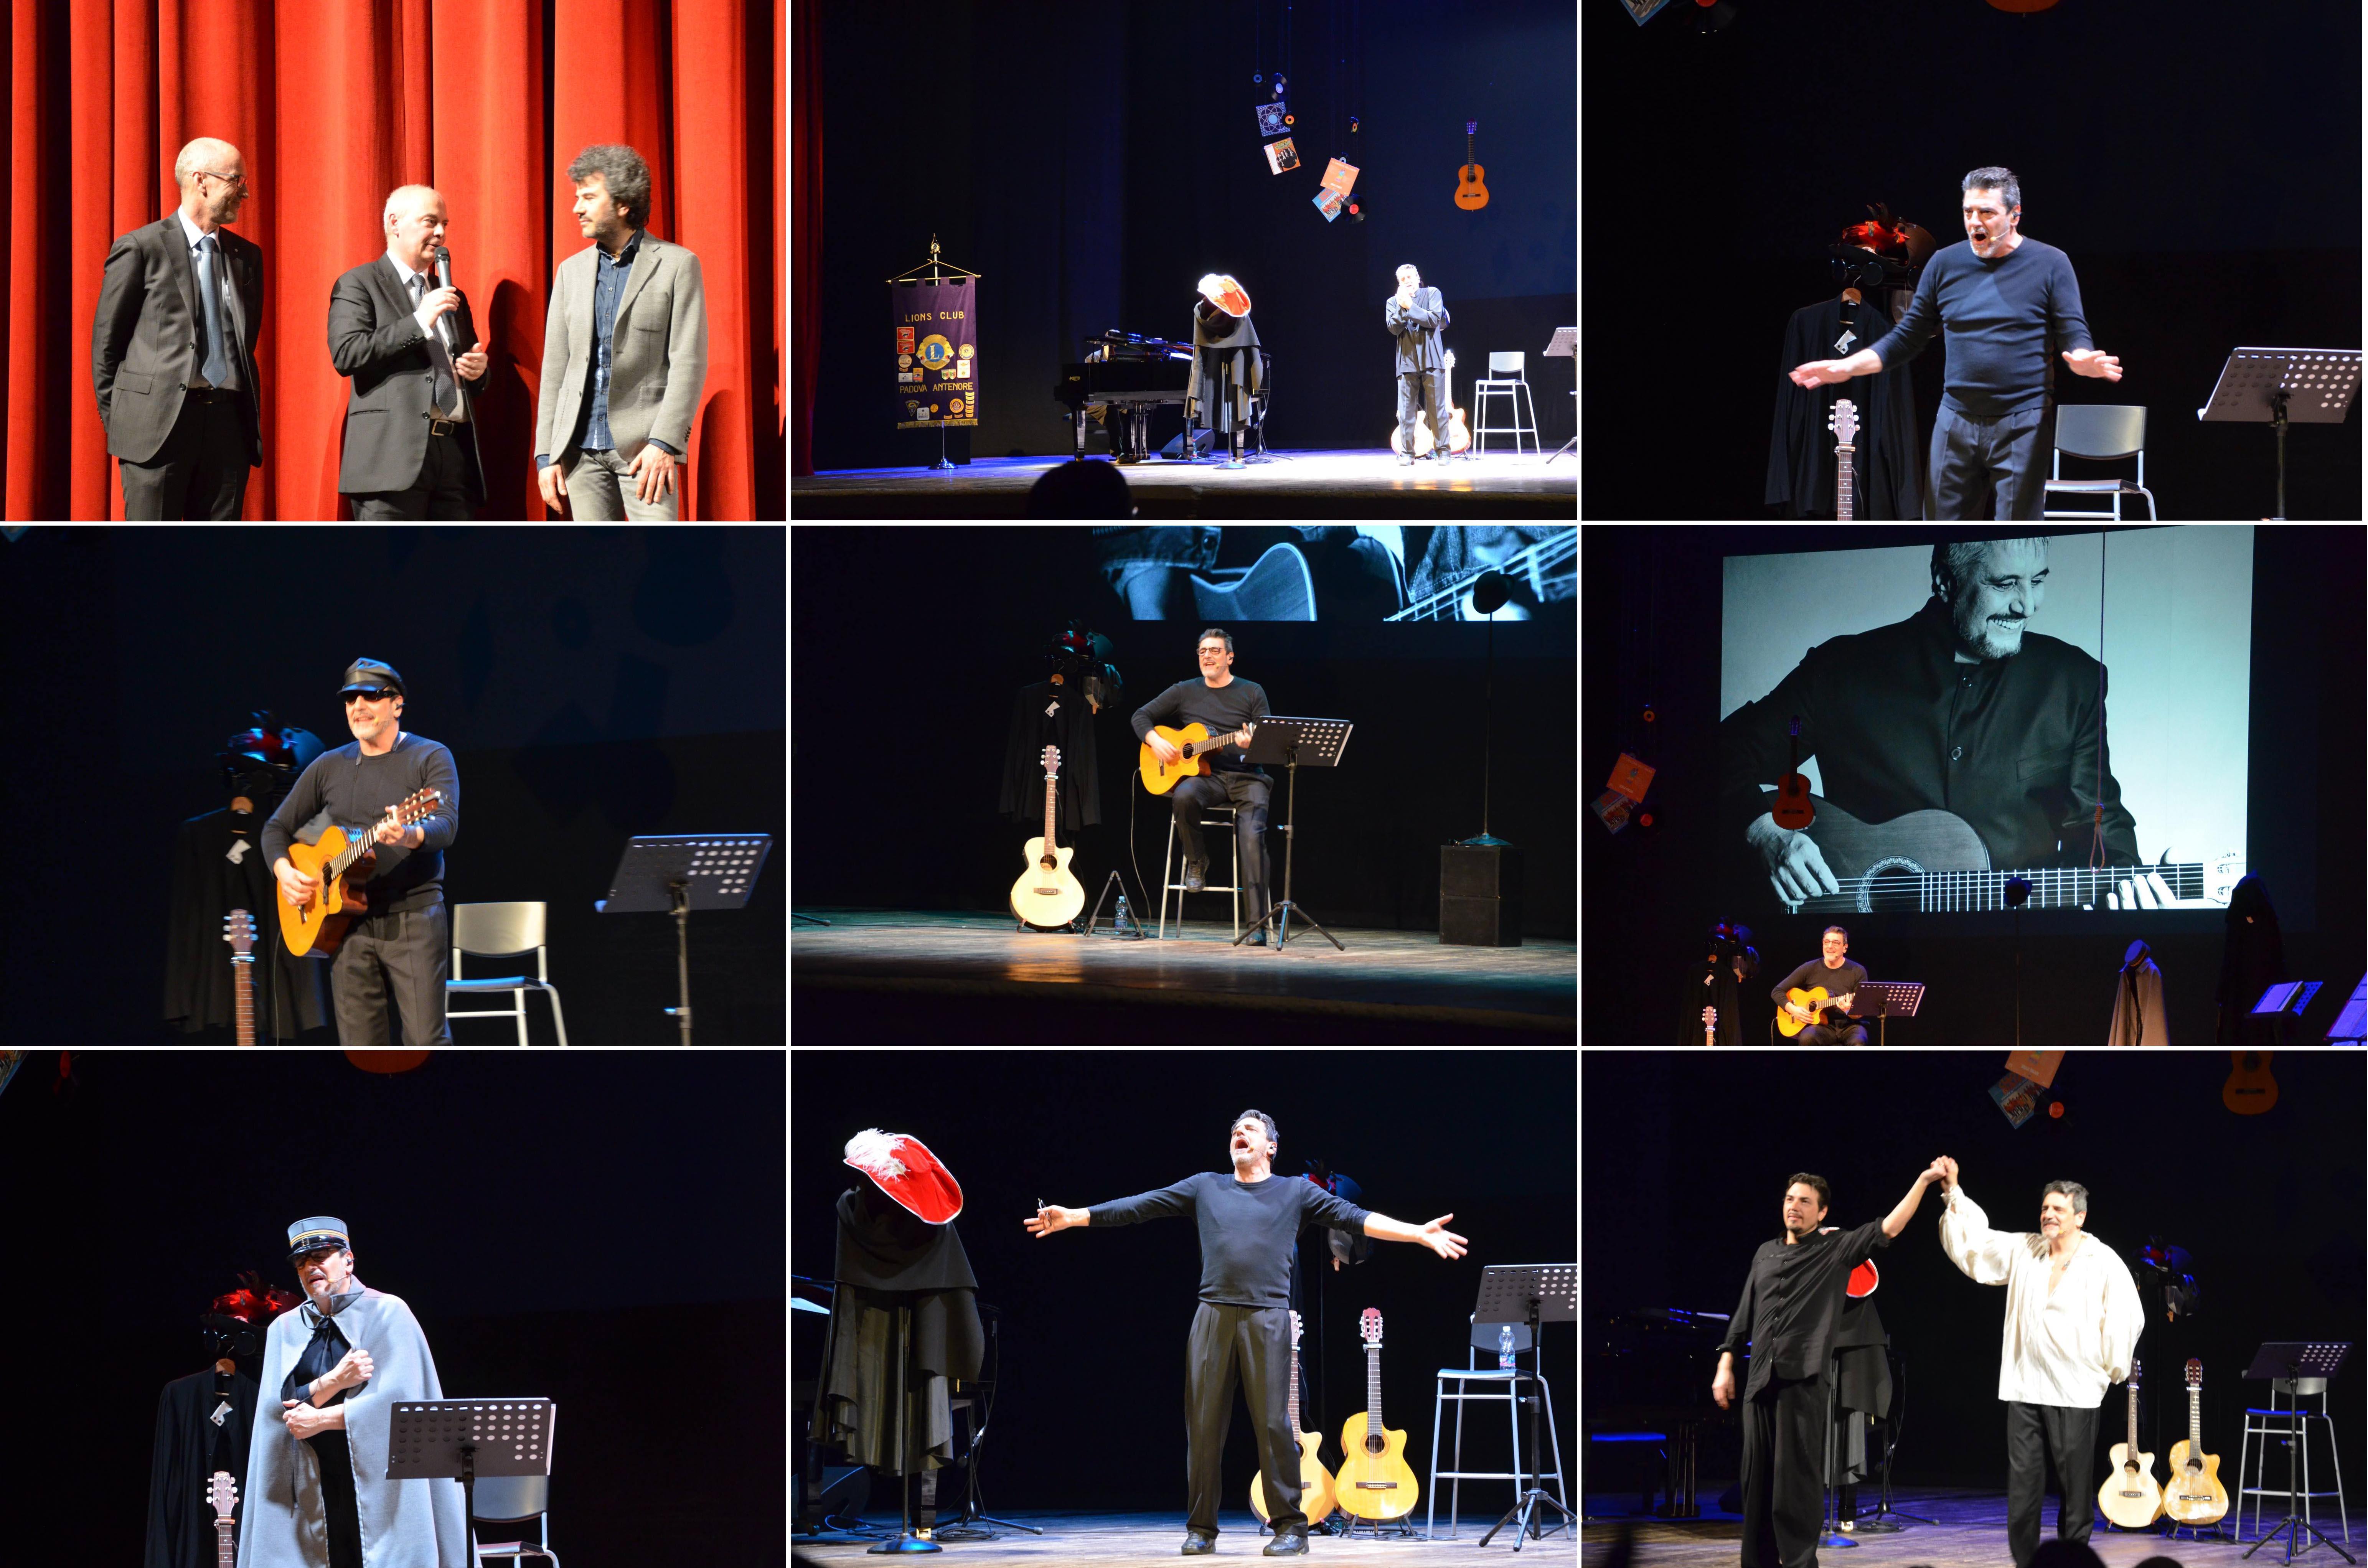 ANTENORE Teatro Verdi 2